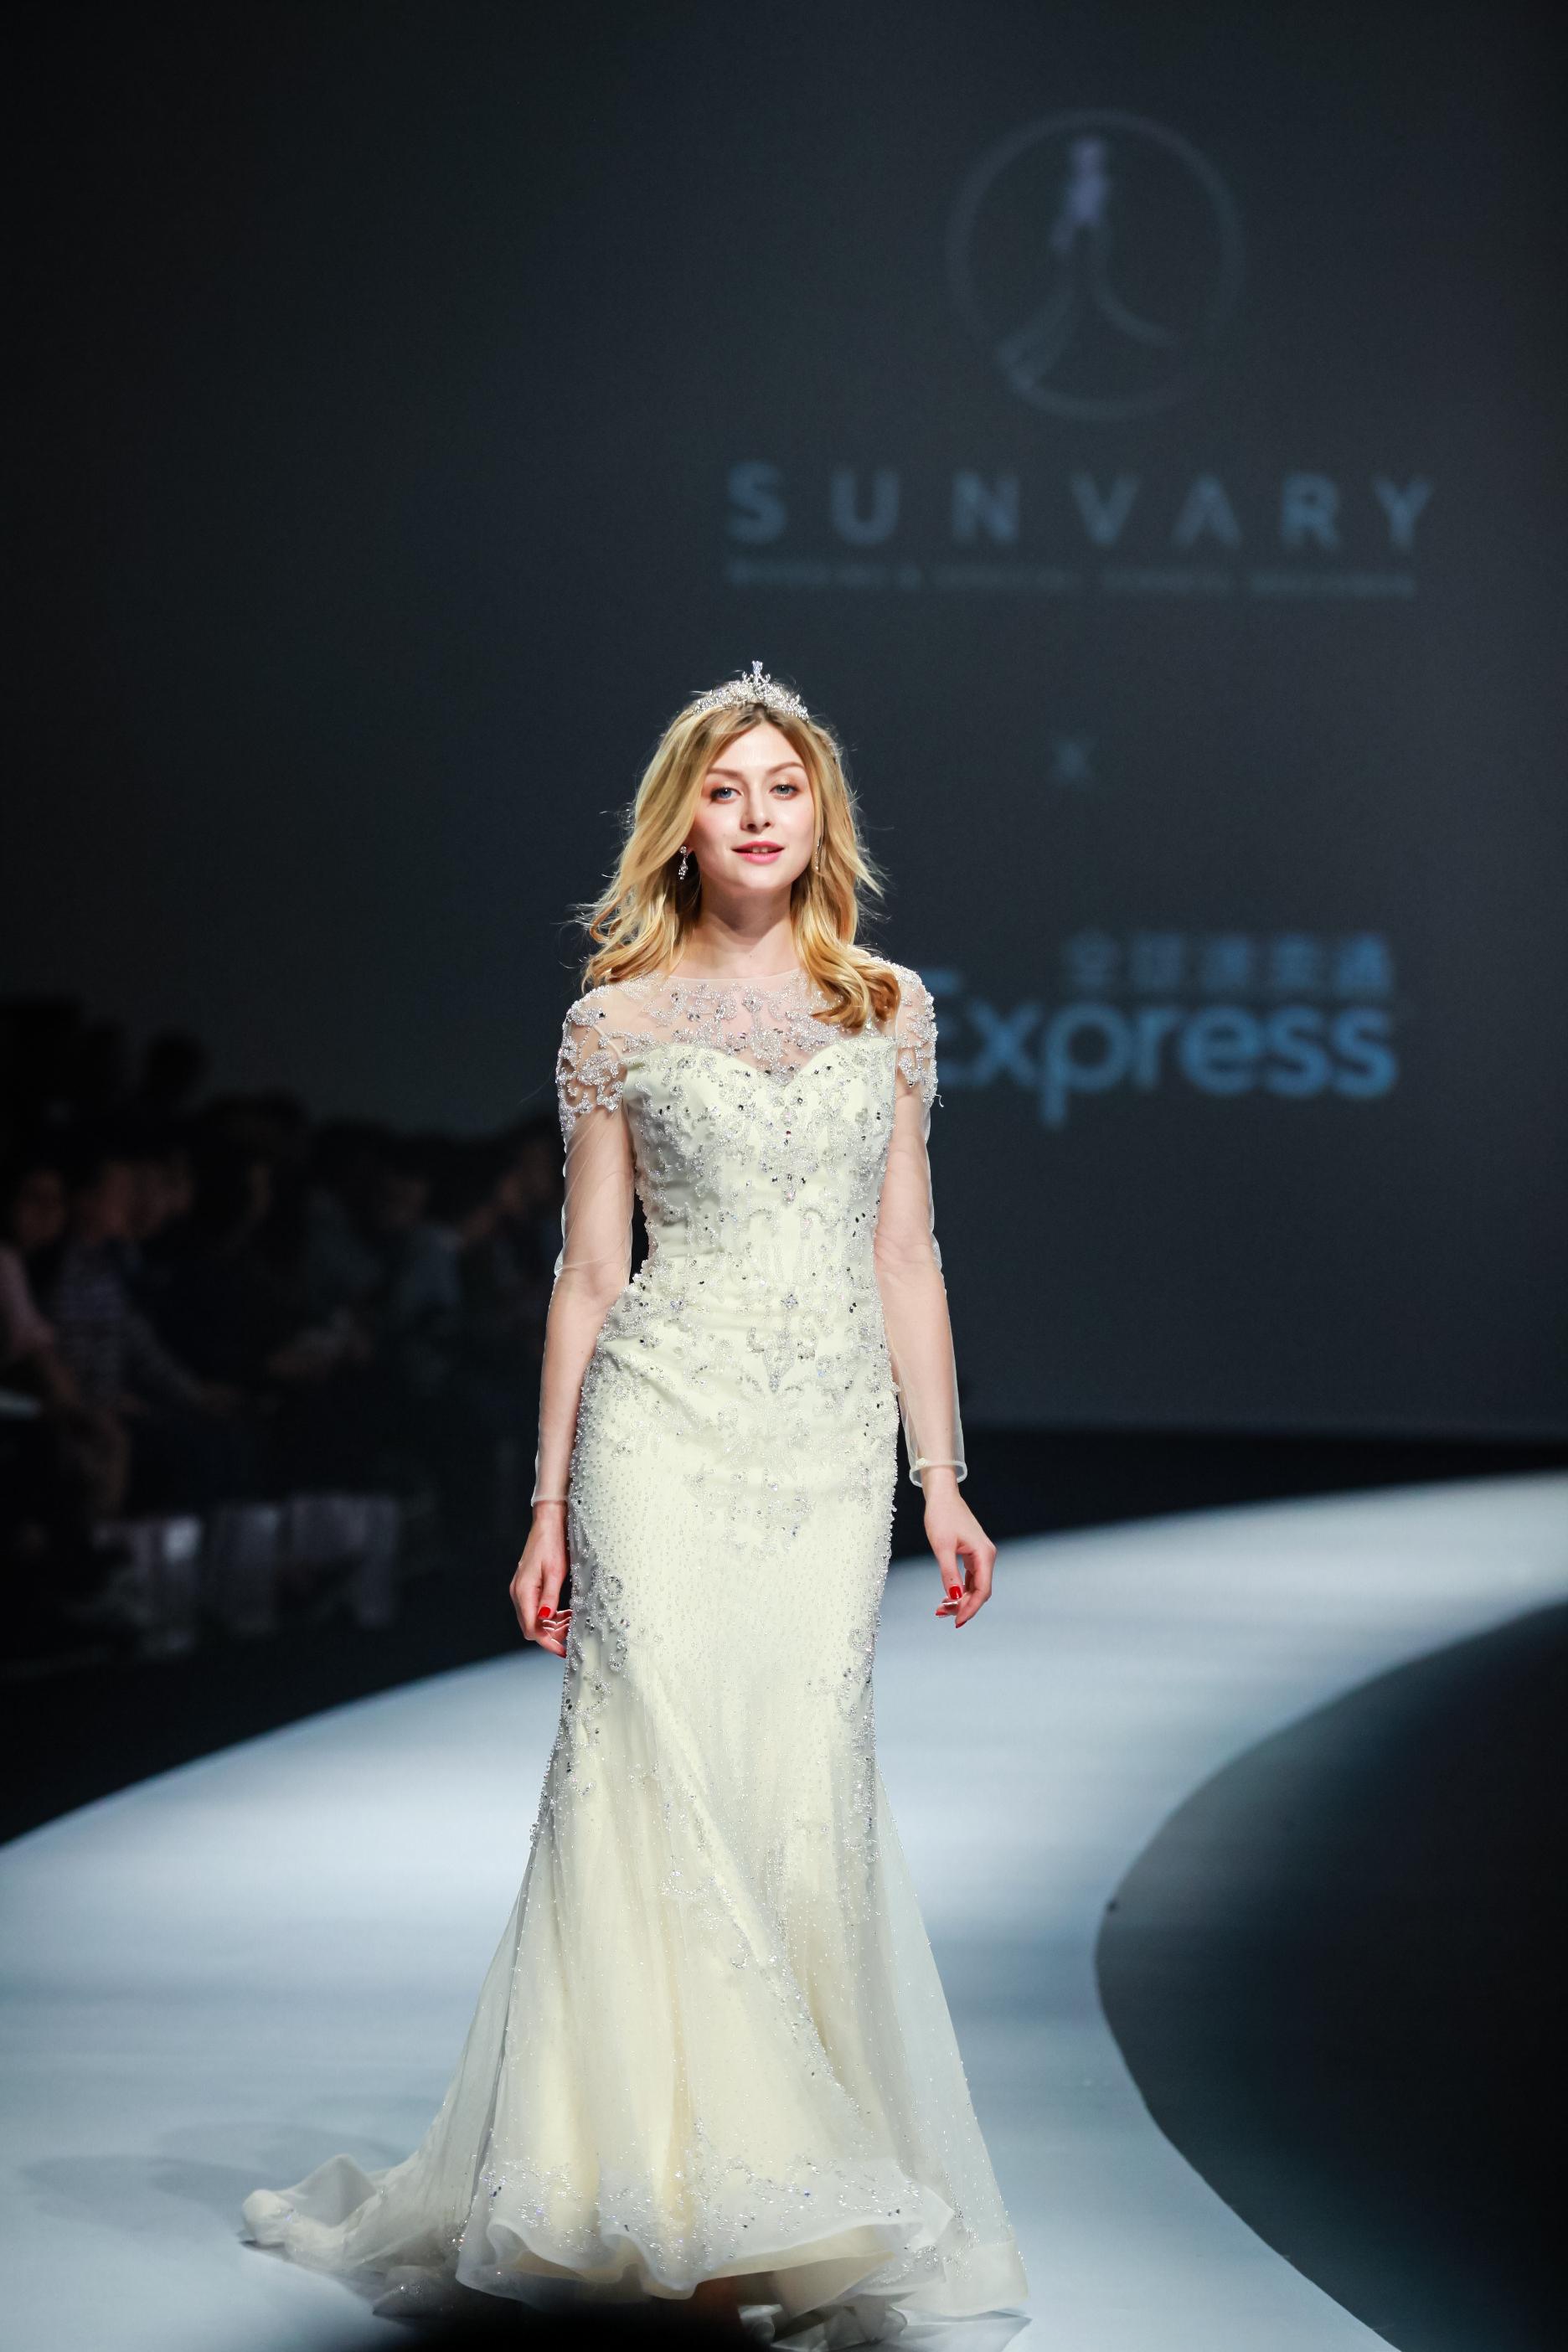 天价婚纱现身时装周 全球土豪线上围观